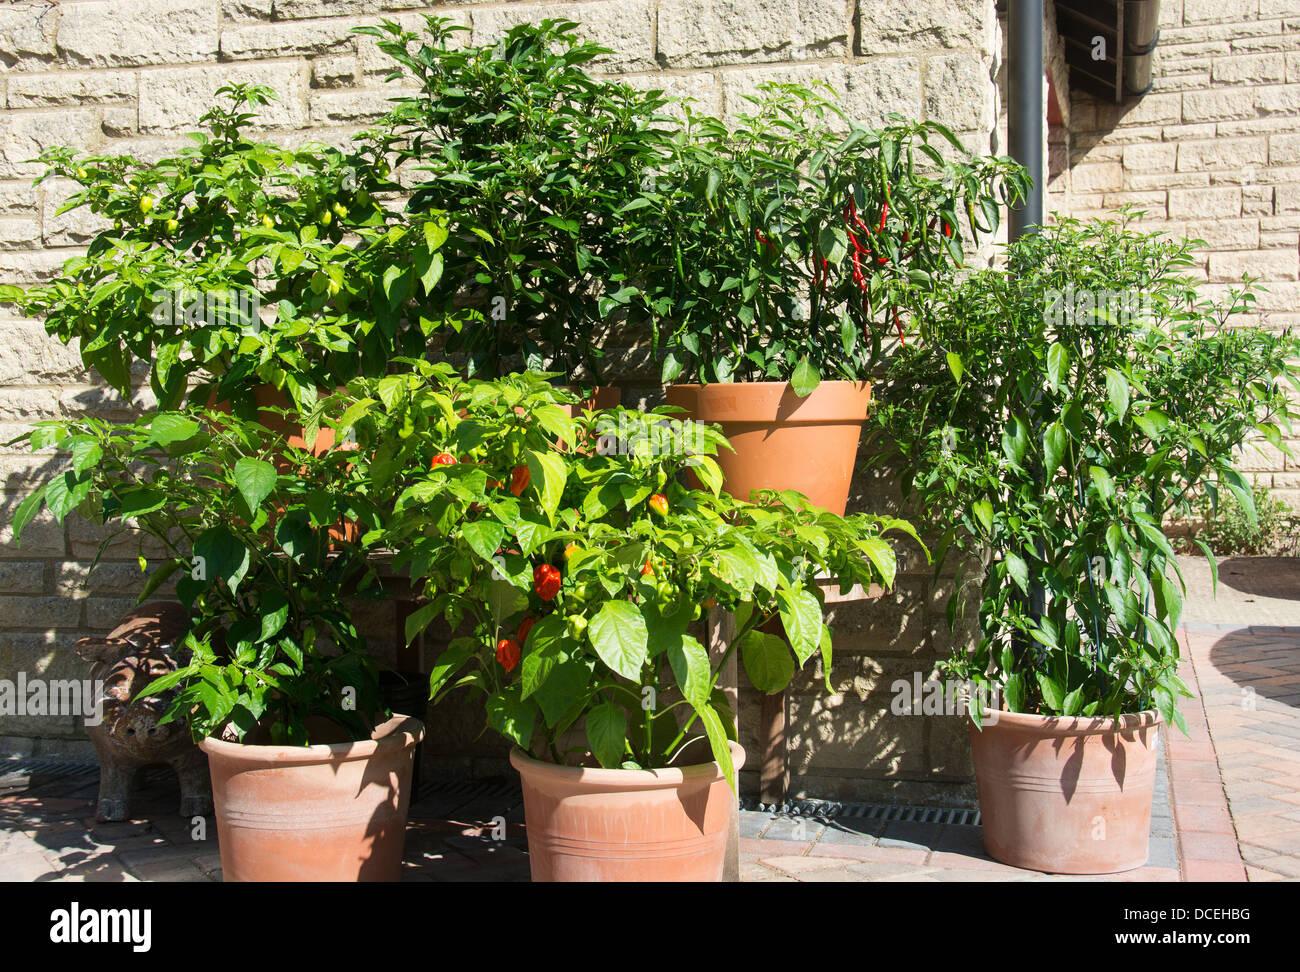 Eine Vielzahl Von Eingemachten Chili Pflanzen An Einem Sonnigen